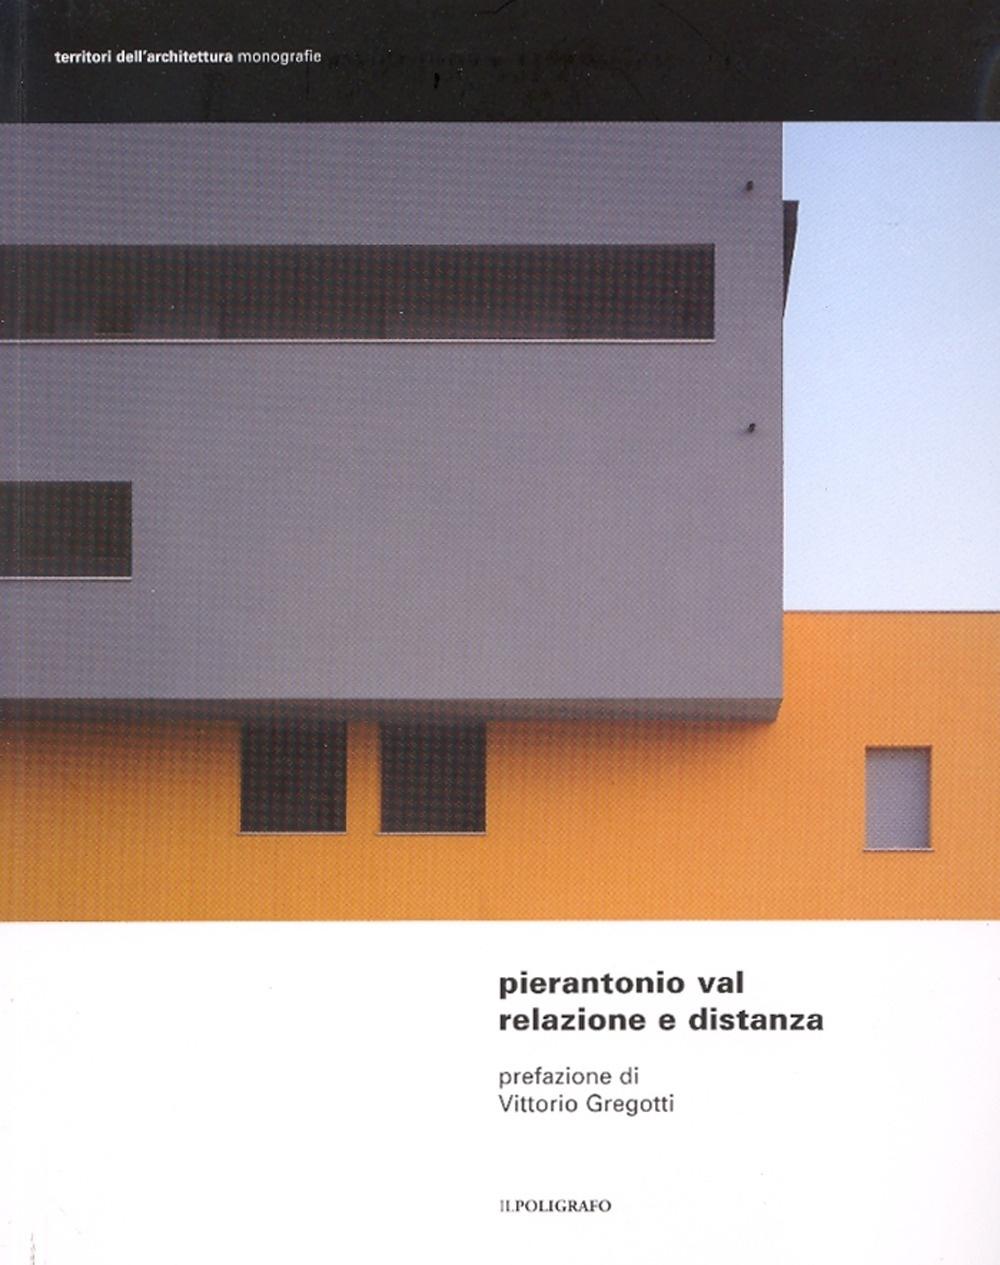 Pierantonio Val. Relazione e distanza. Progetti dello studio Architetti Associati Cecilia Ricci e Pierantonio Val